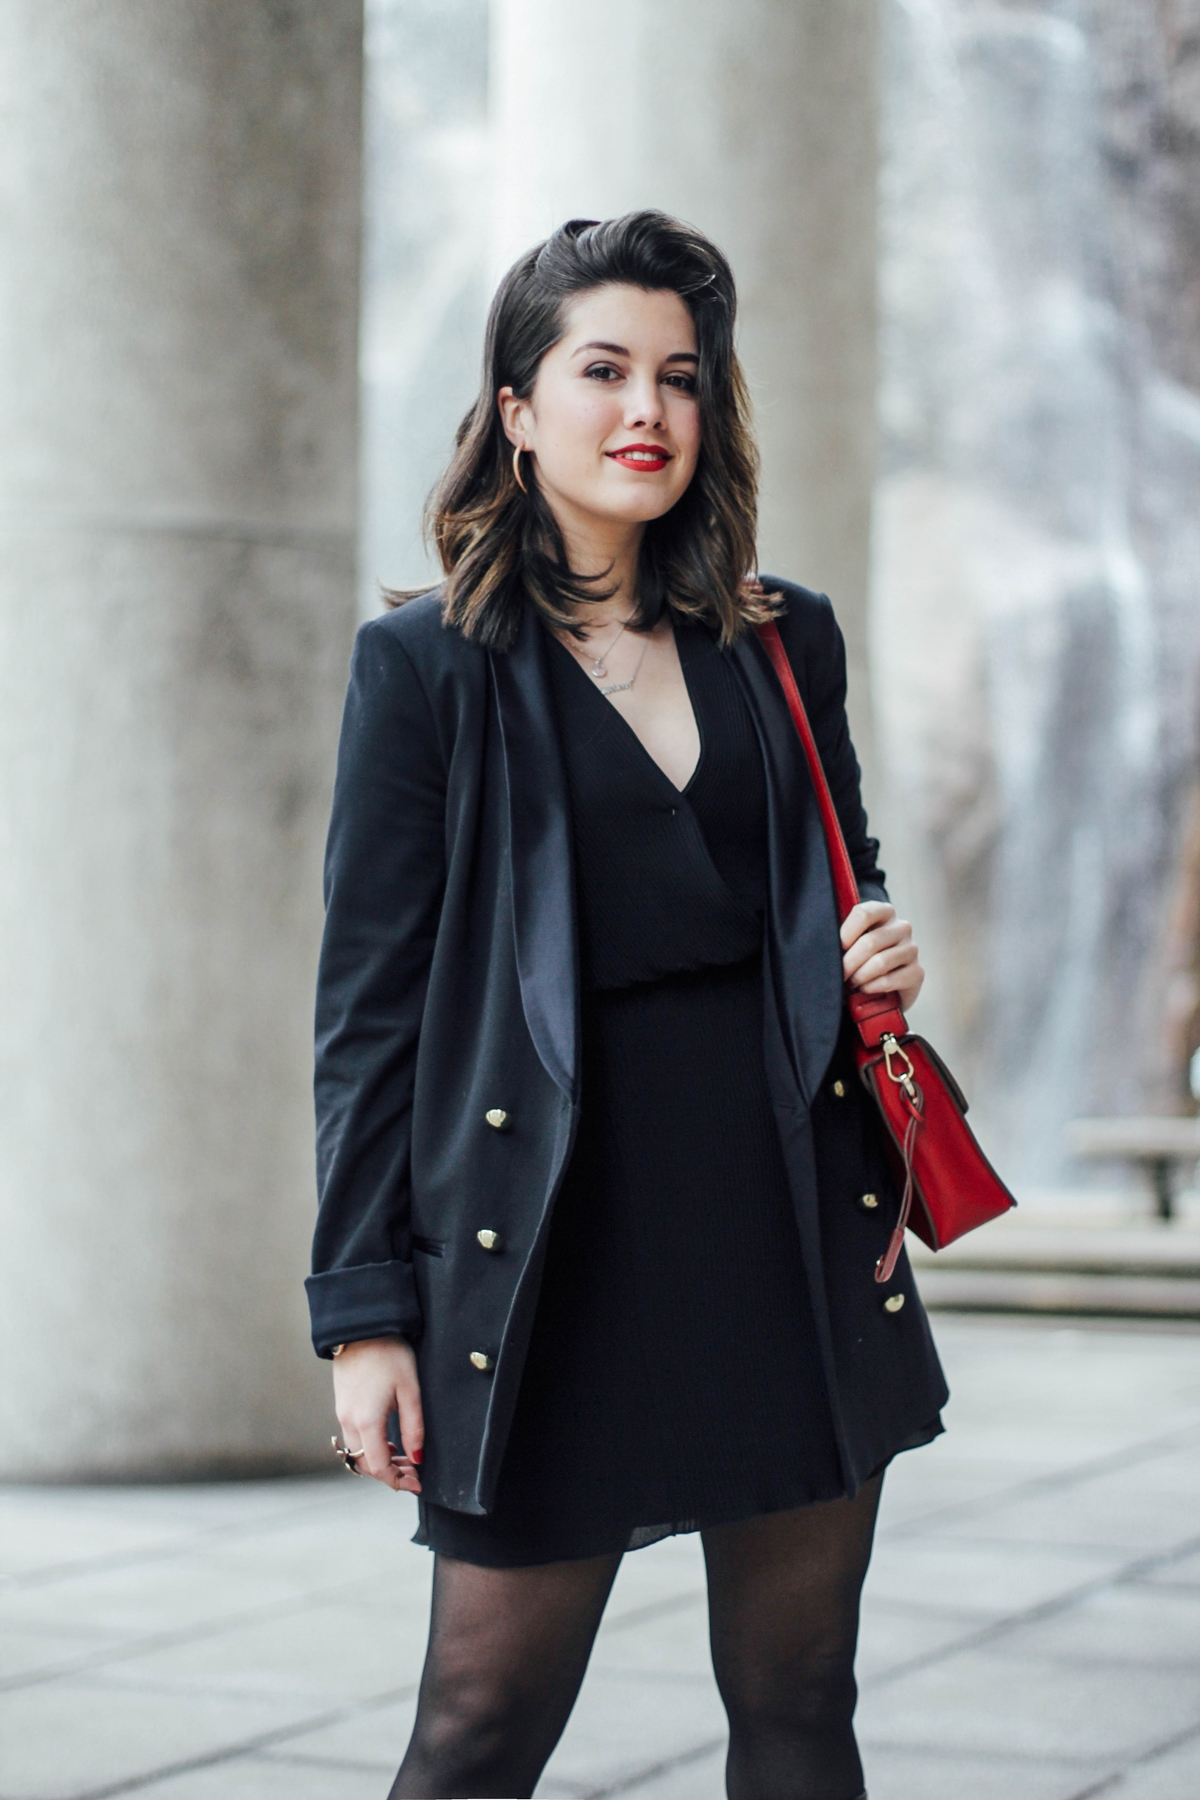 carven x la redoute dress myblueberrynightsblog (2)